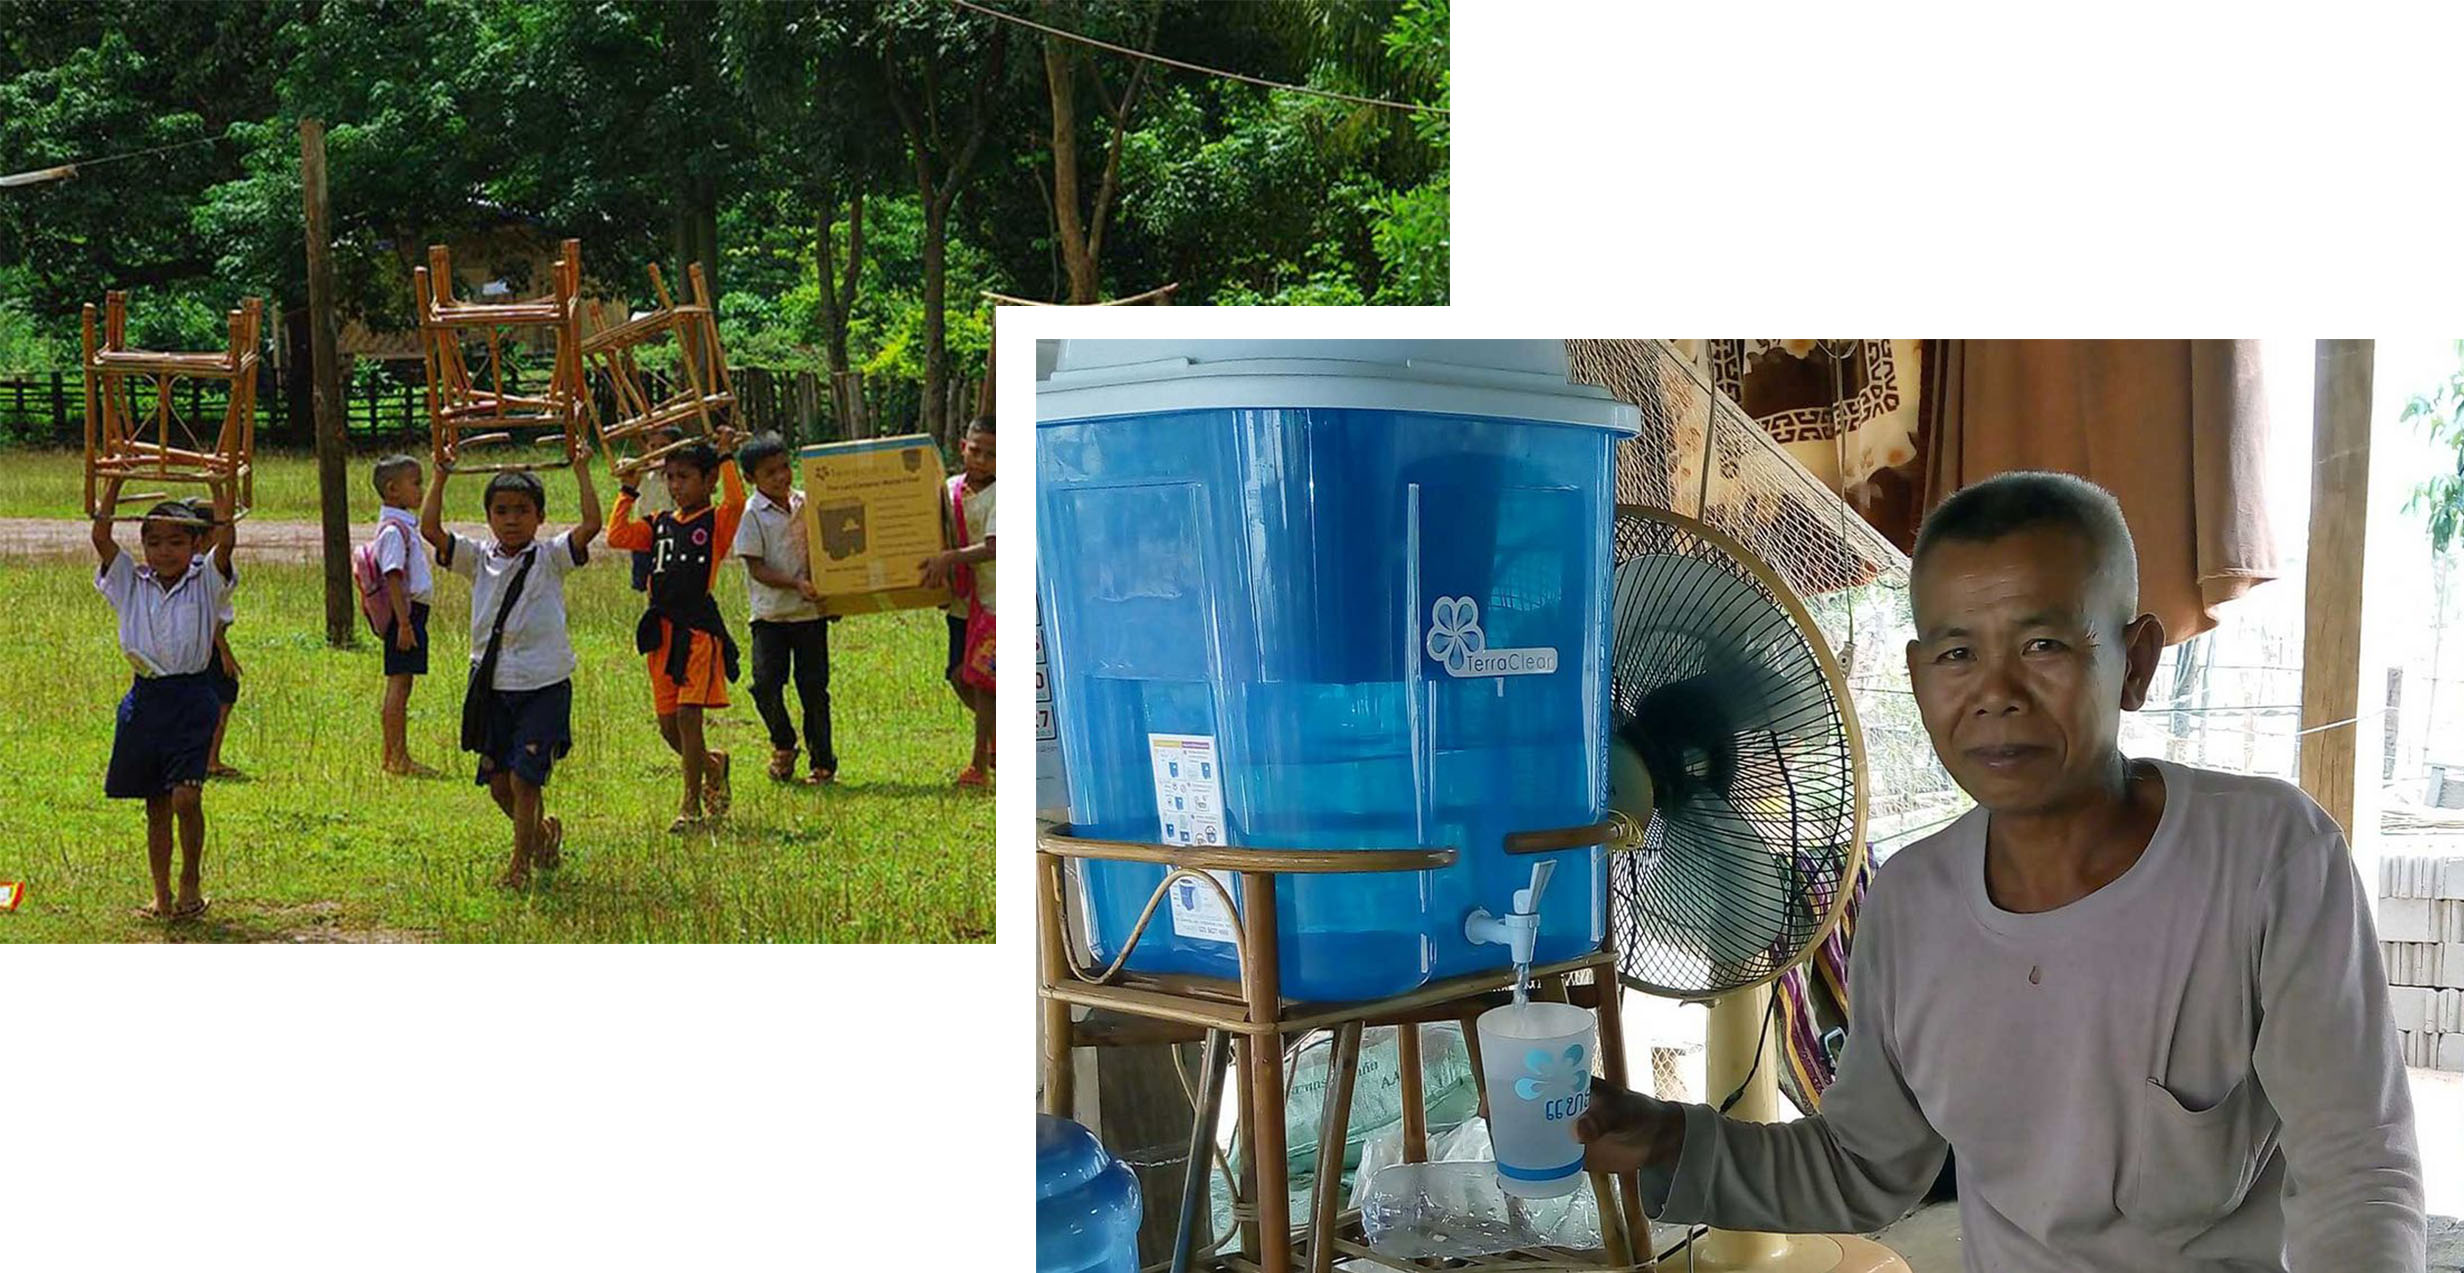 klimaneutrales-unternehmen-soulbottles-Trinkwasser-schueler-3